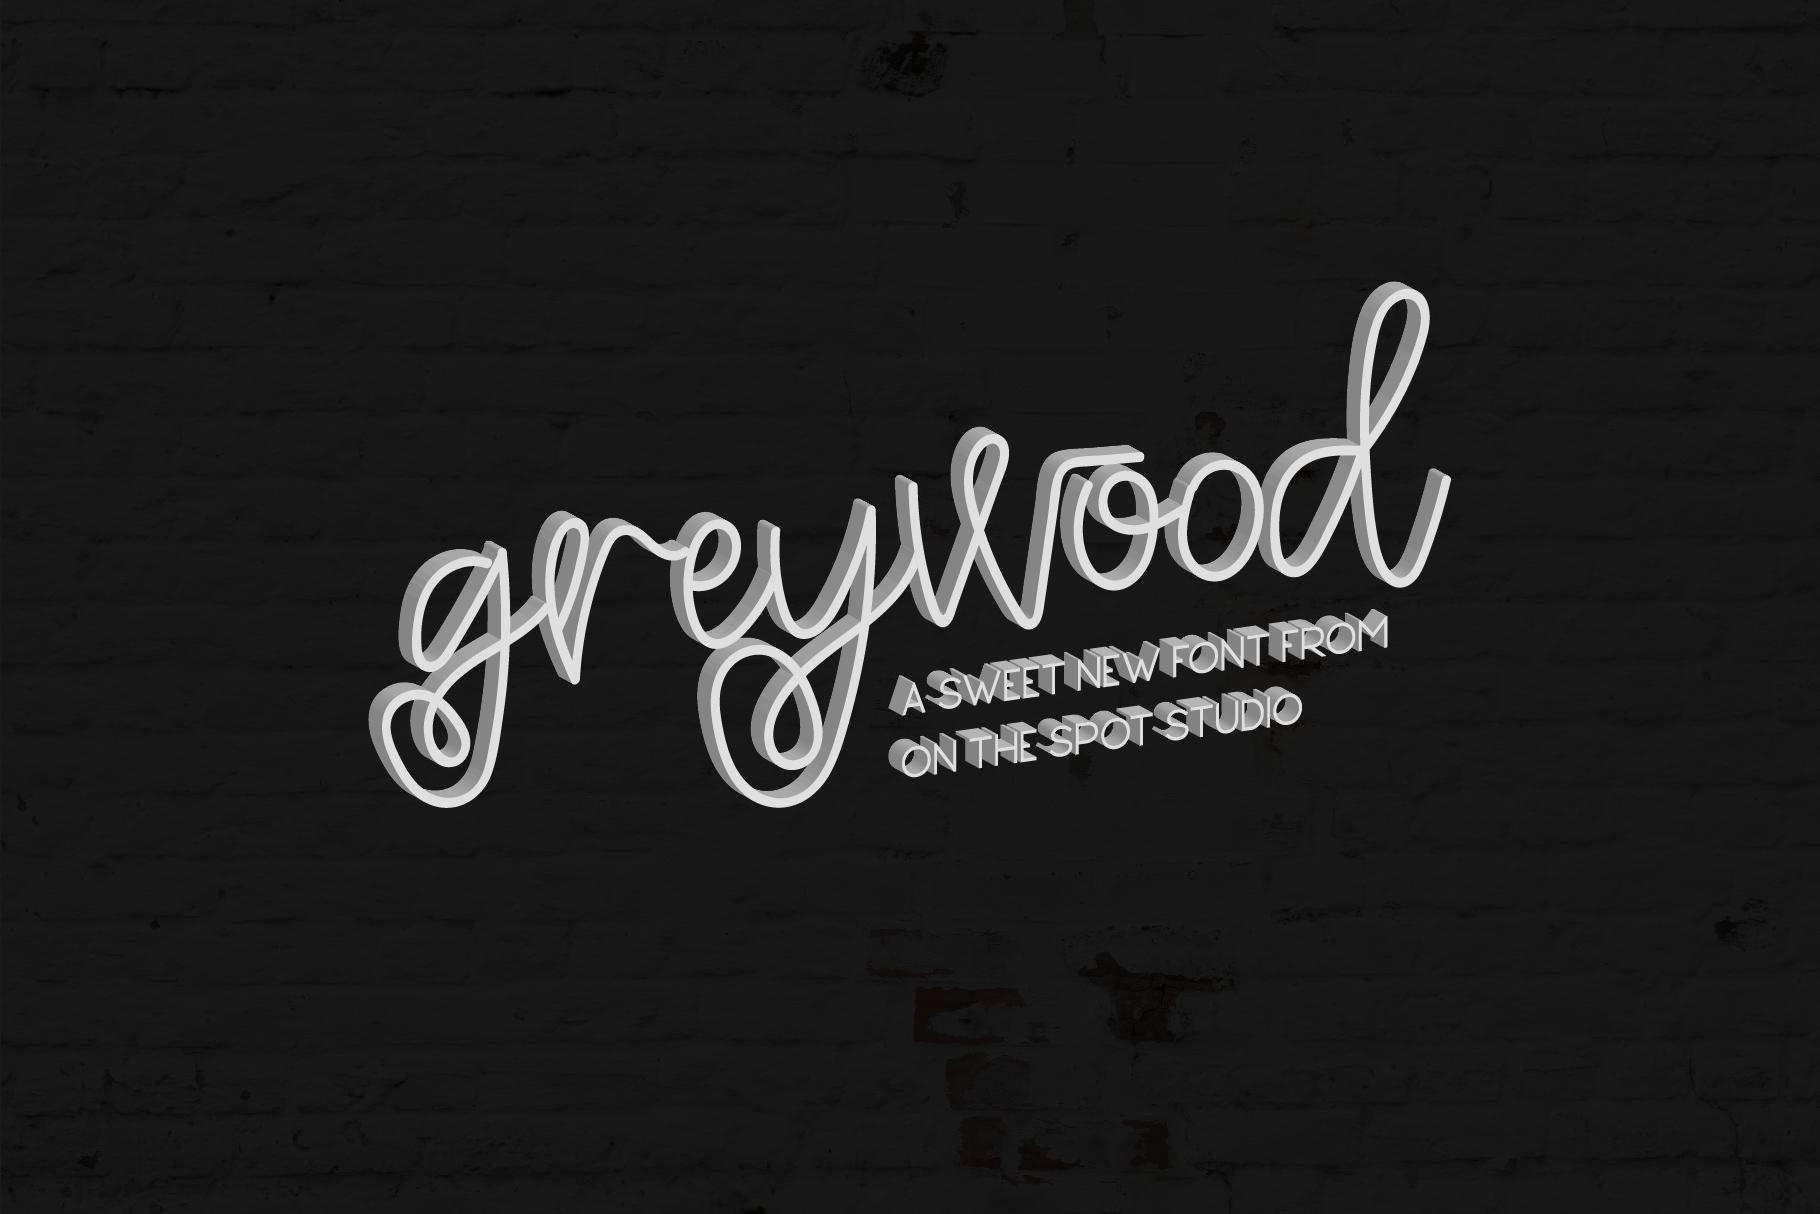 Greywood & BONUS Cedarwood Display example image 1